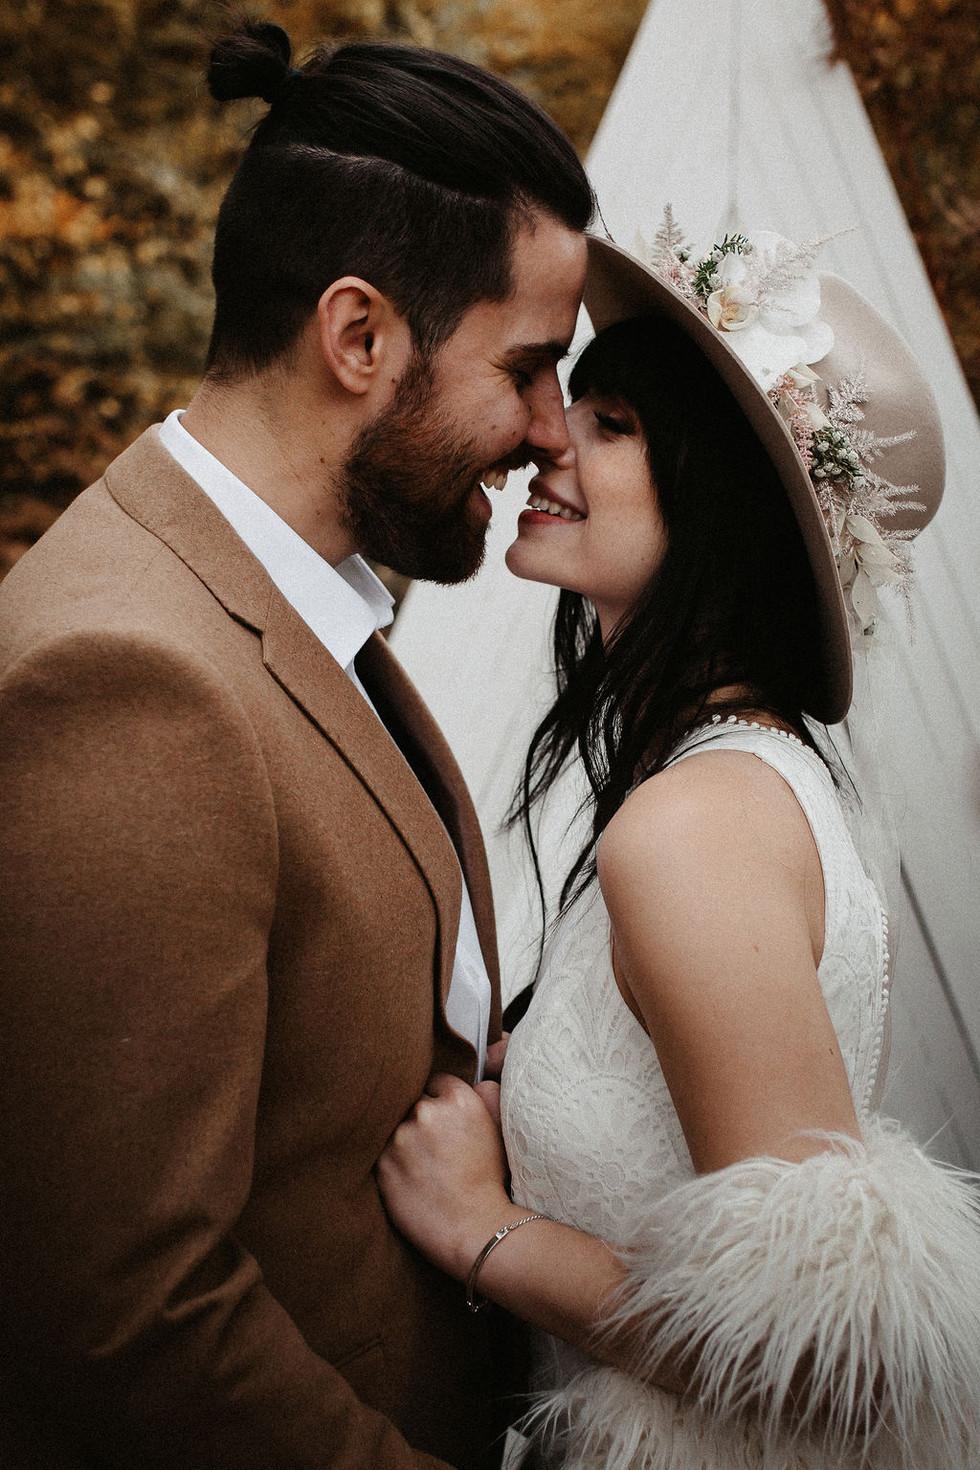 Inspiration für eine moderne Hochzeit im Boho Stil - naturverbunden, mit vielen tollen Deko Ideen fü